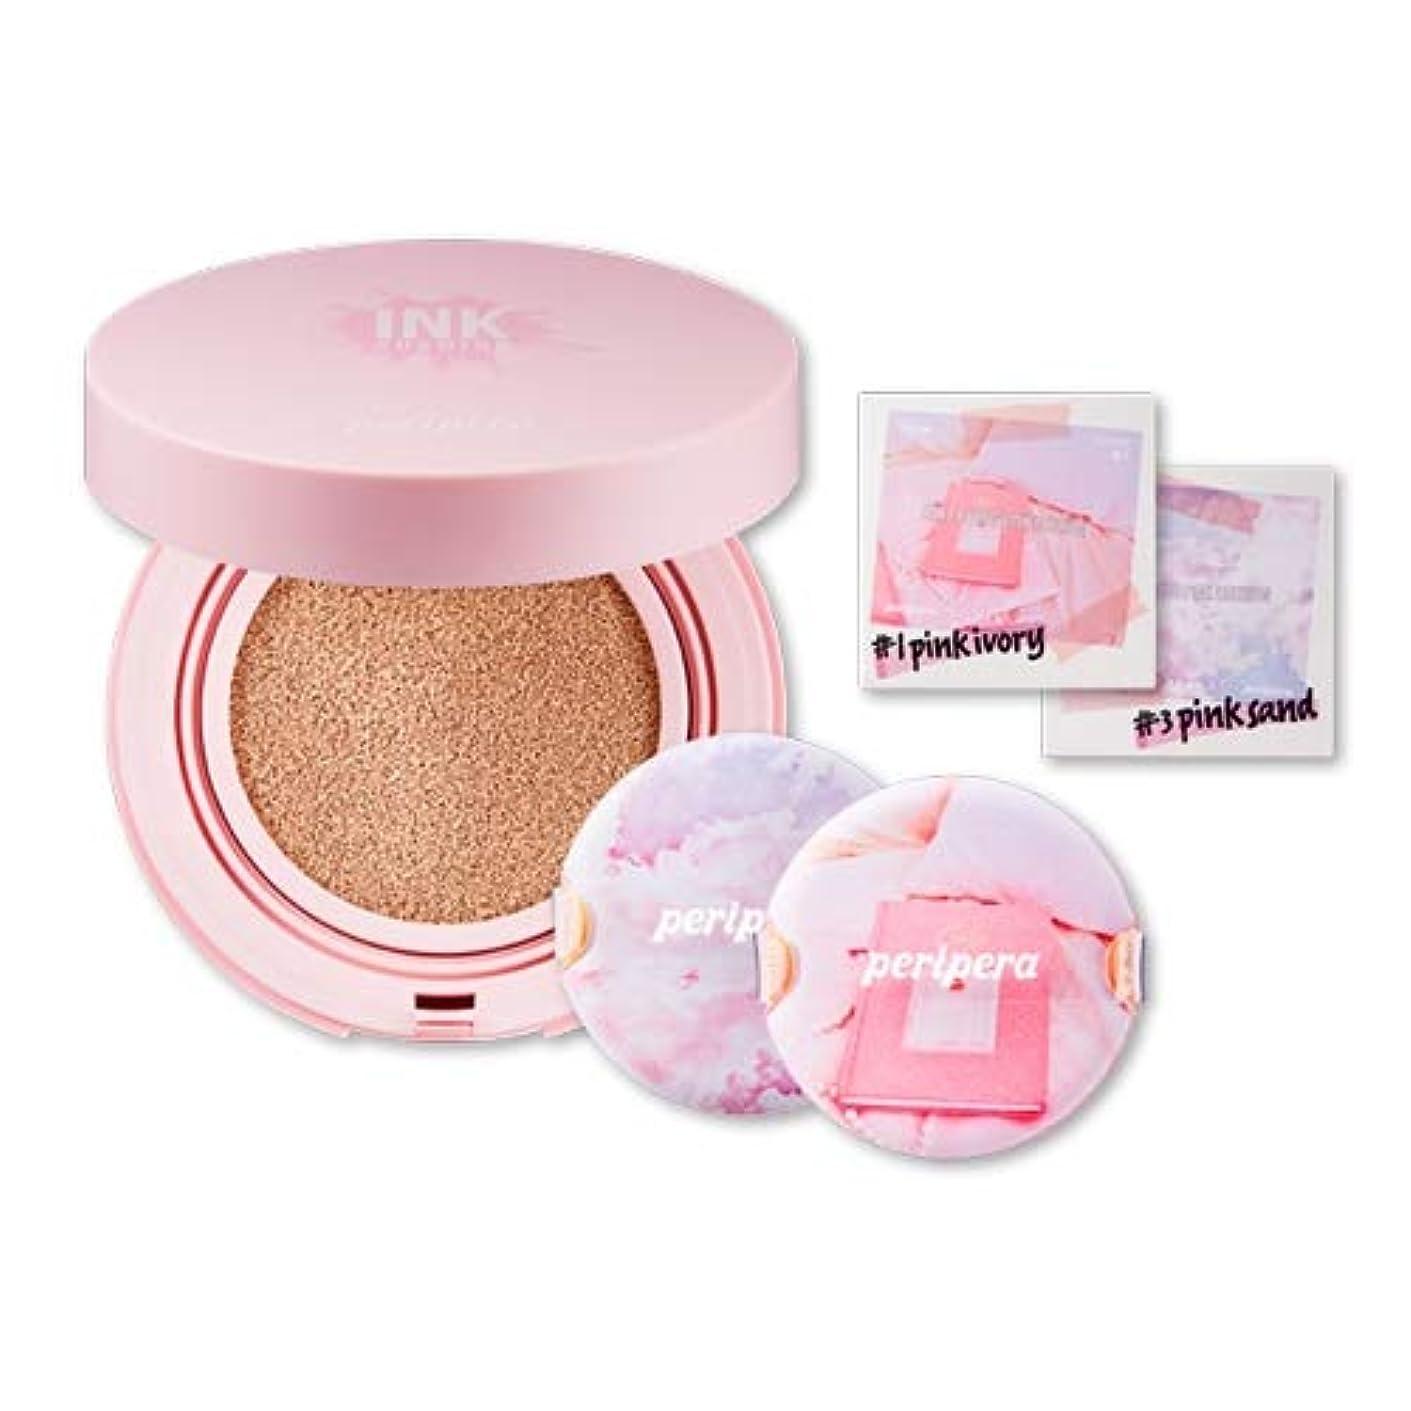 紫の改修十代Peripera ペリペラ [ピンクの瞬間] インクラスティング ピンク クッション [Pink-Moment] Inklasting Pink Cushion (#3 Pink Sand) [並行輸入品]